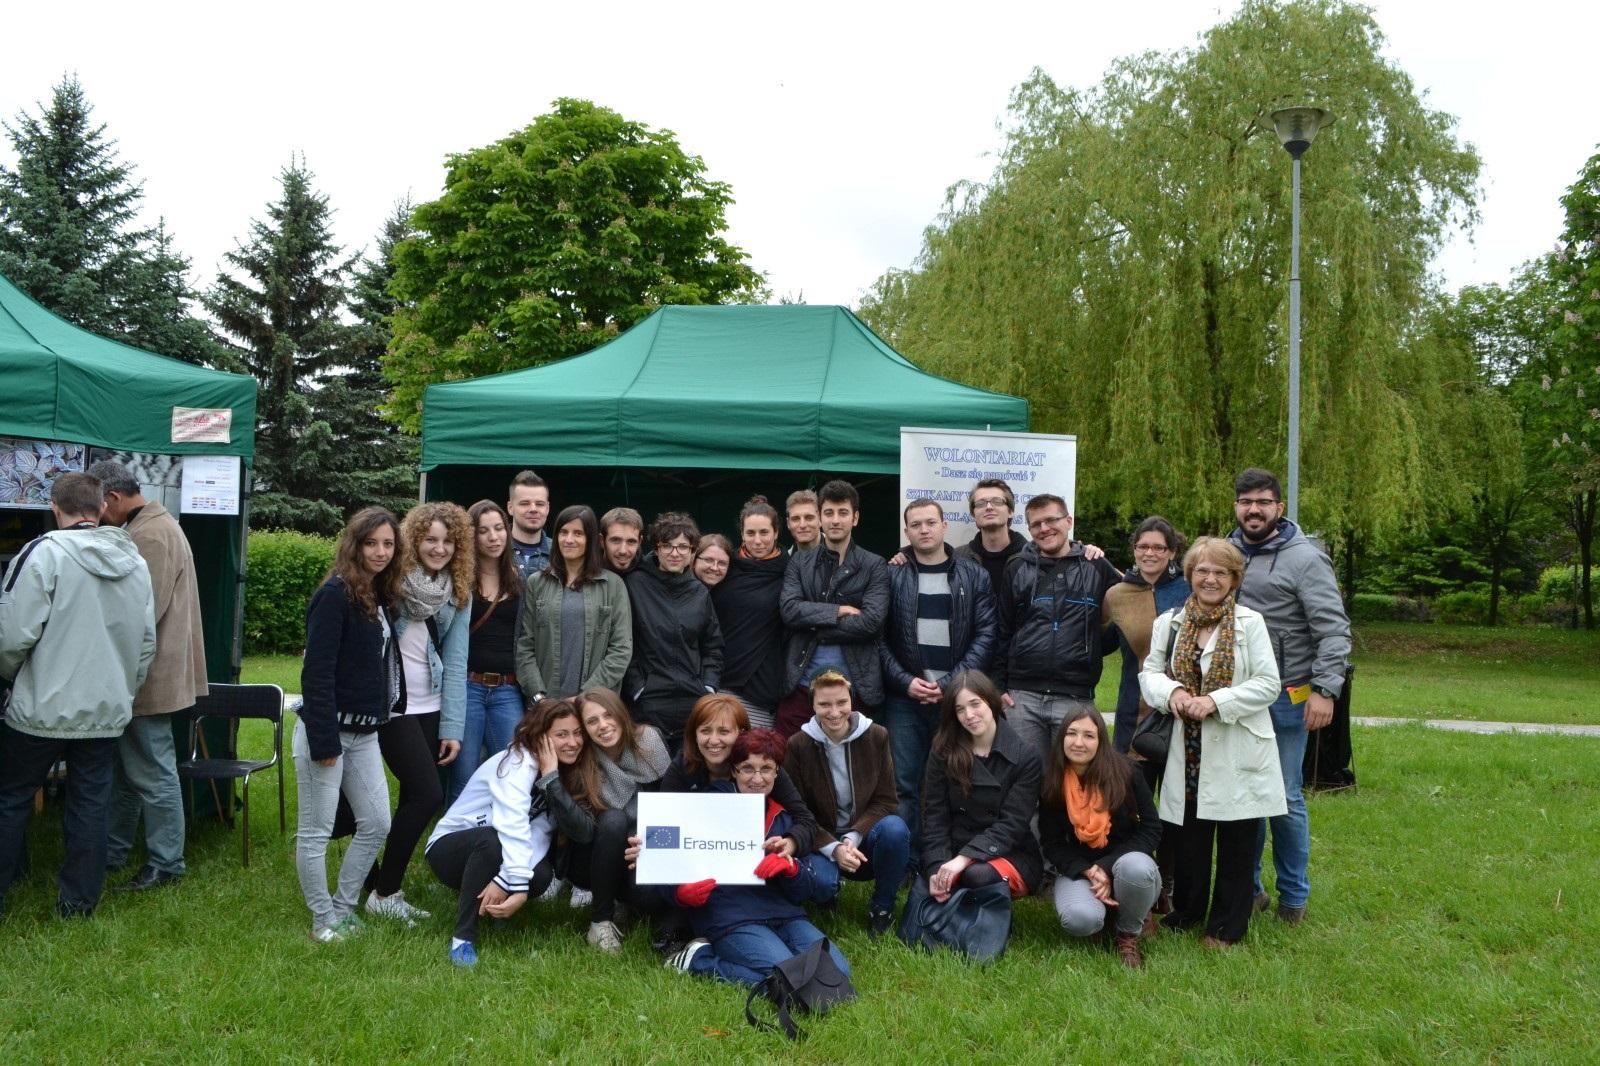 Przedstawiciele EFHR w Zamościu: aktywne obywatelstwo poprzez gry symulacyjne